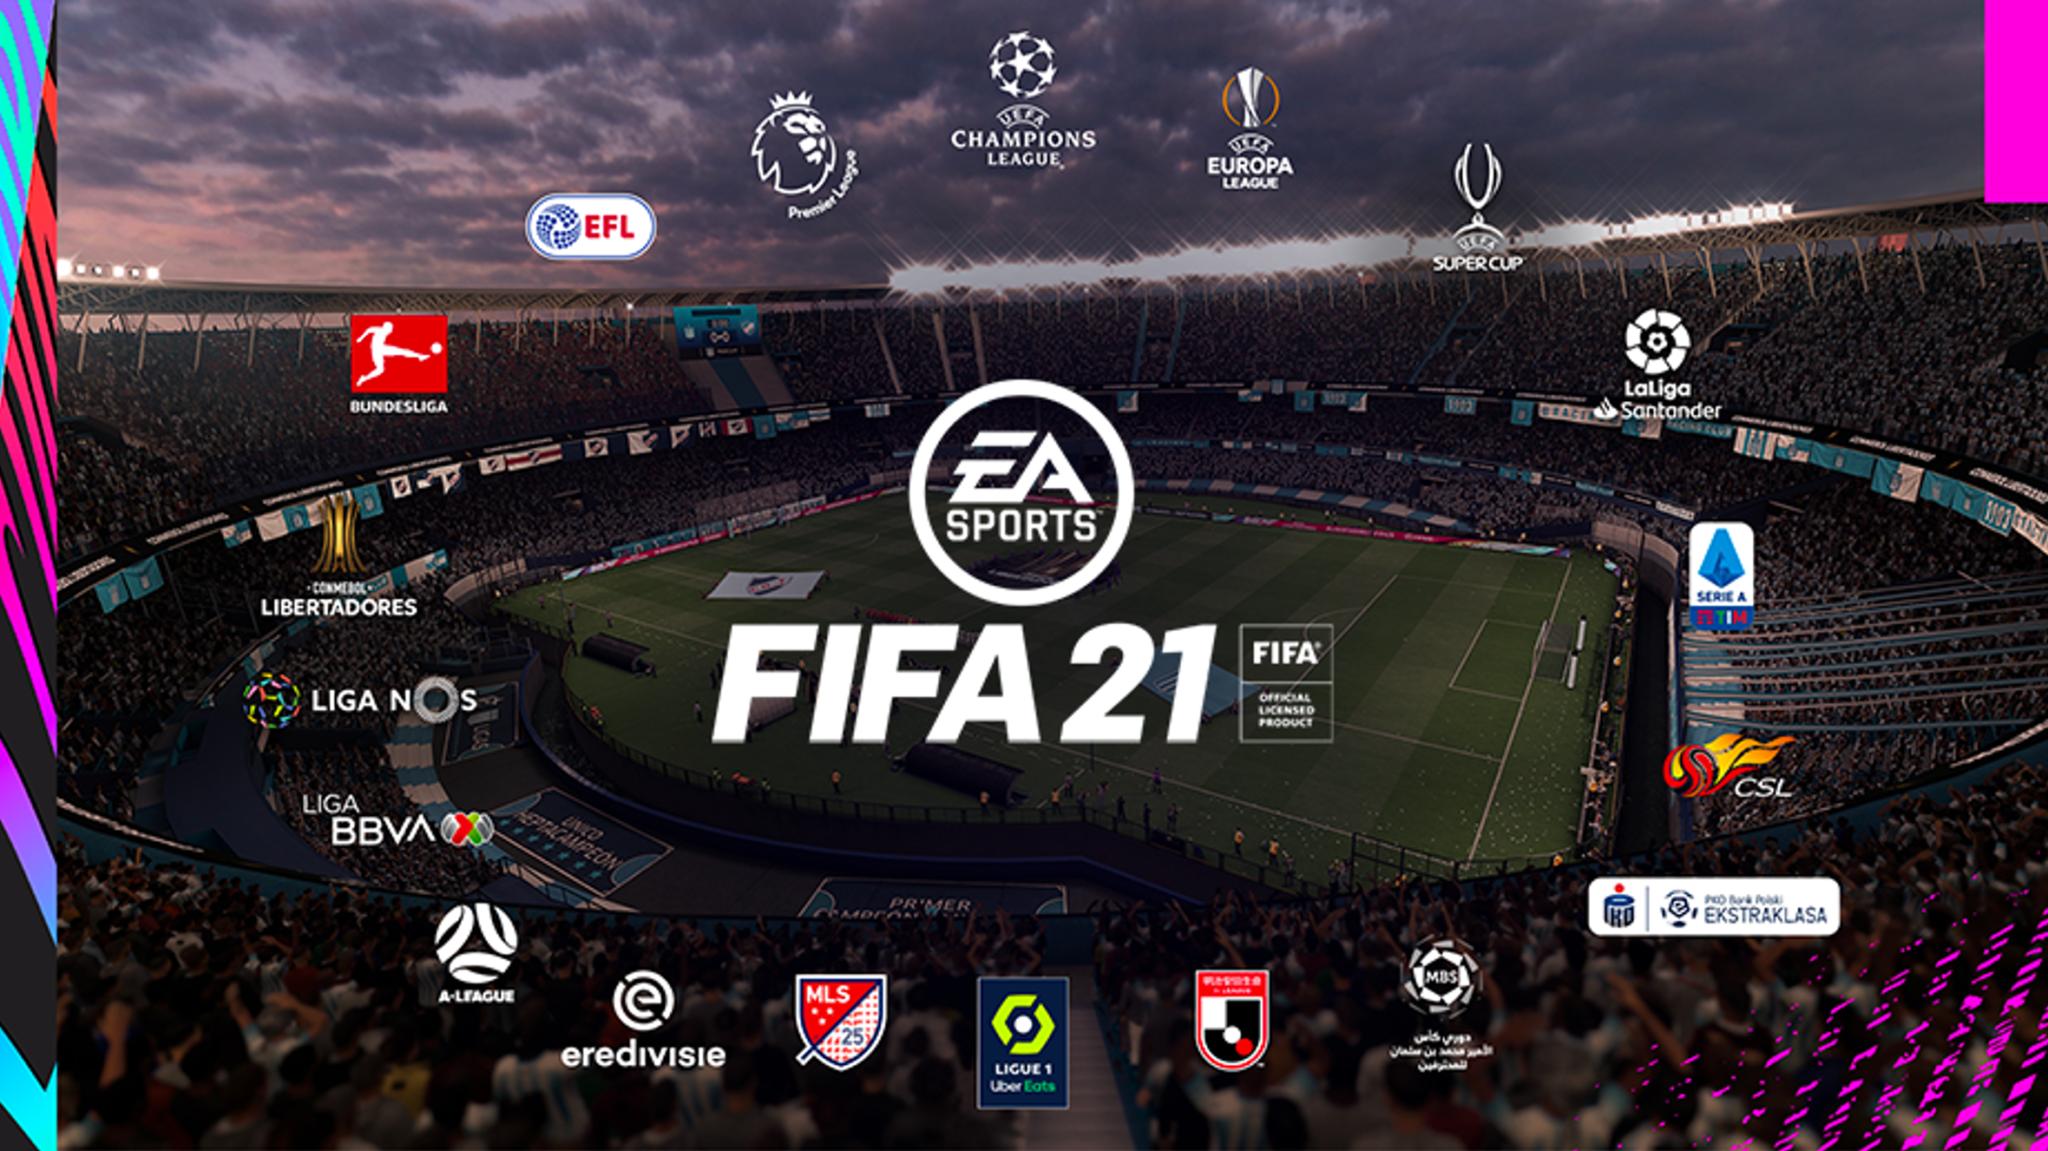 FIFA 21 league logos